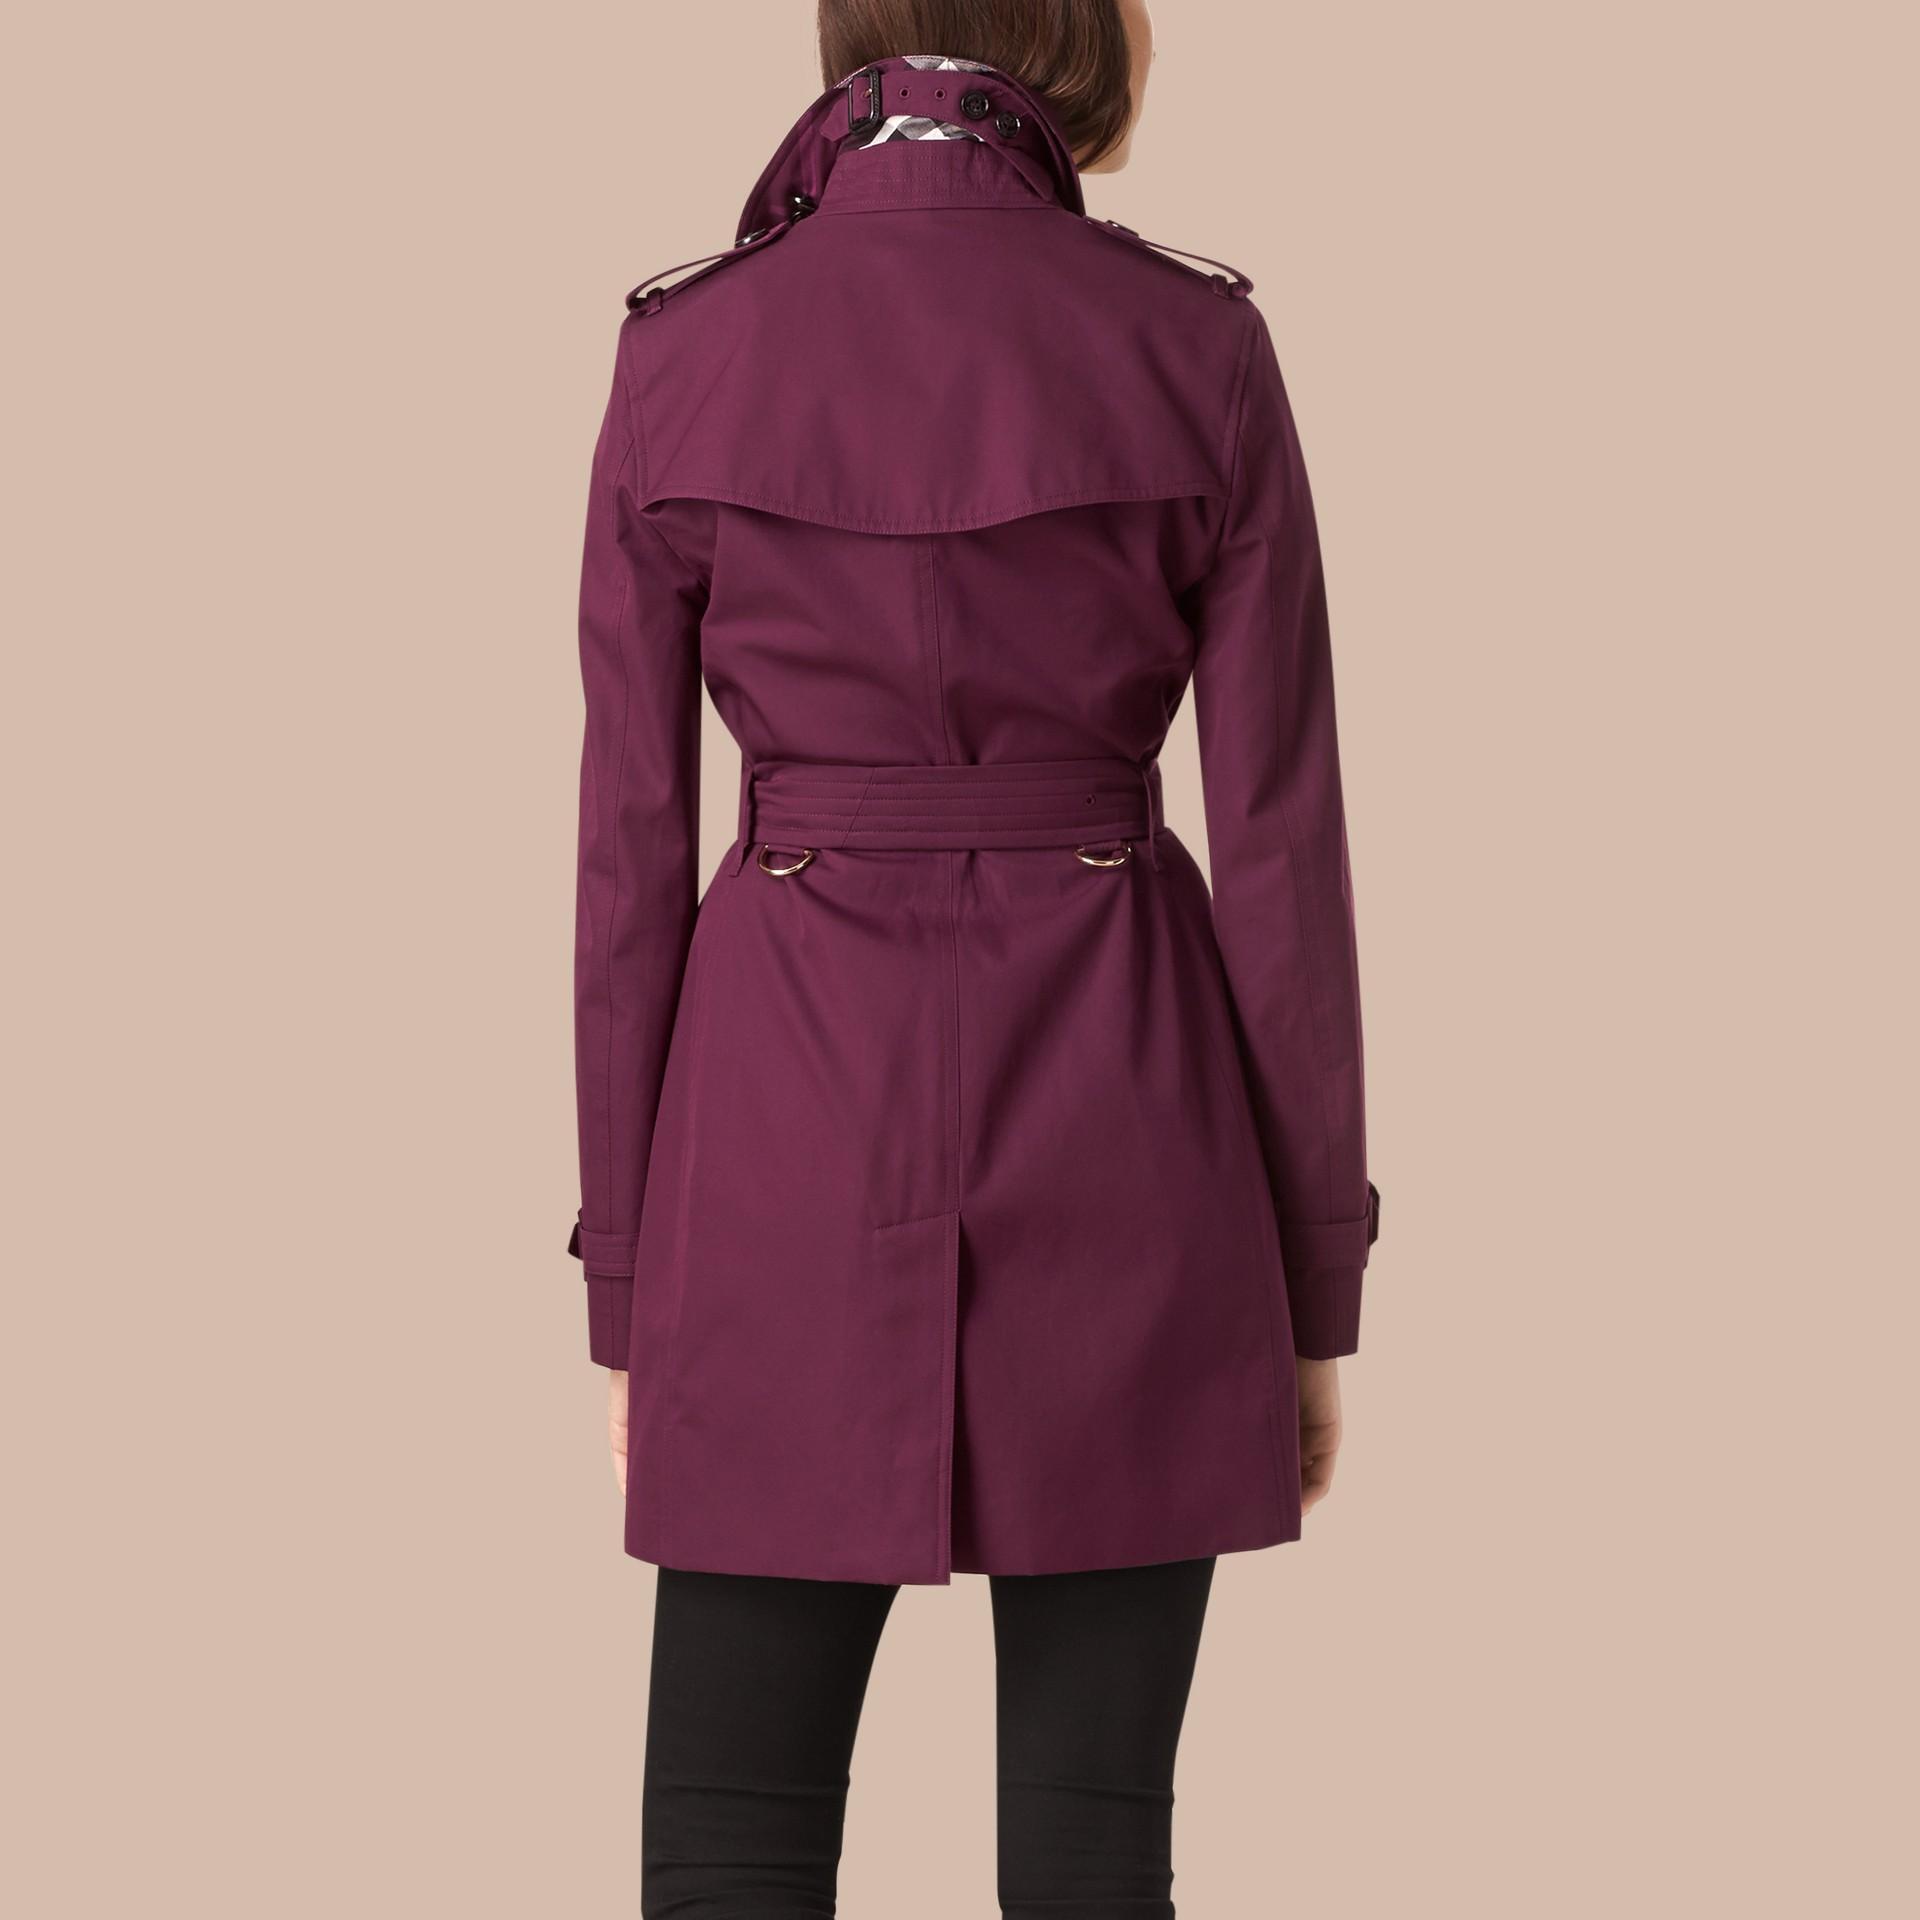 Borgogna intenso Trench coat leggero in gabardine di cotone Borgogna Intenso - immagine della galleria 3